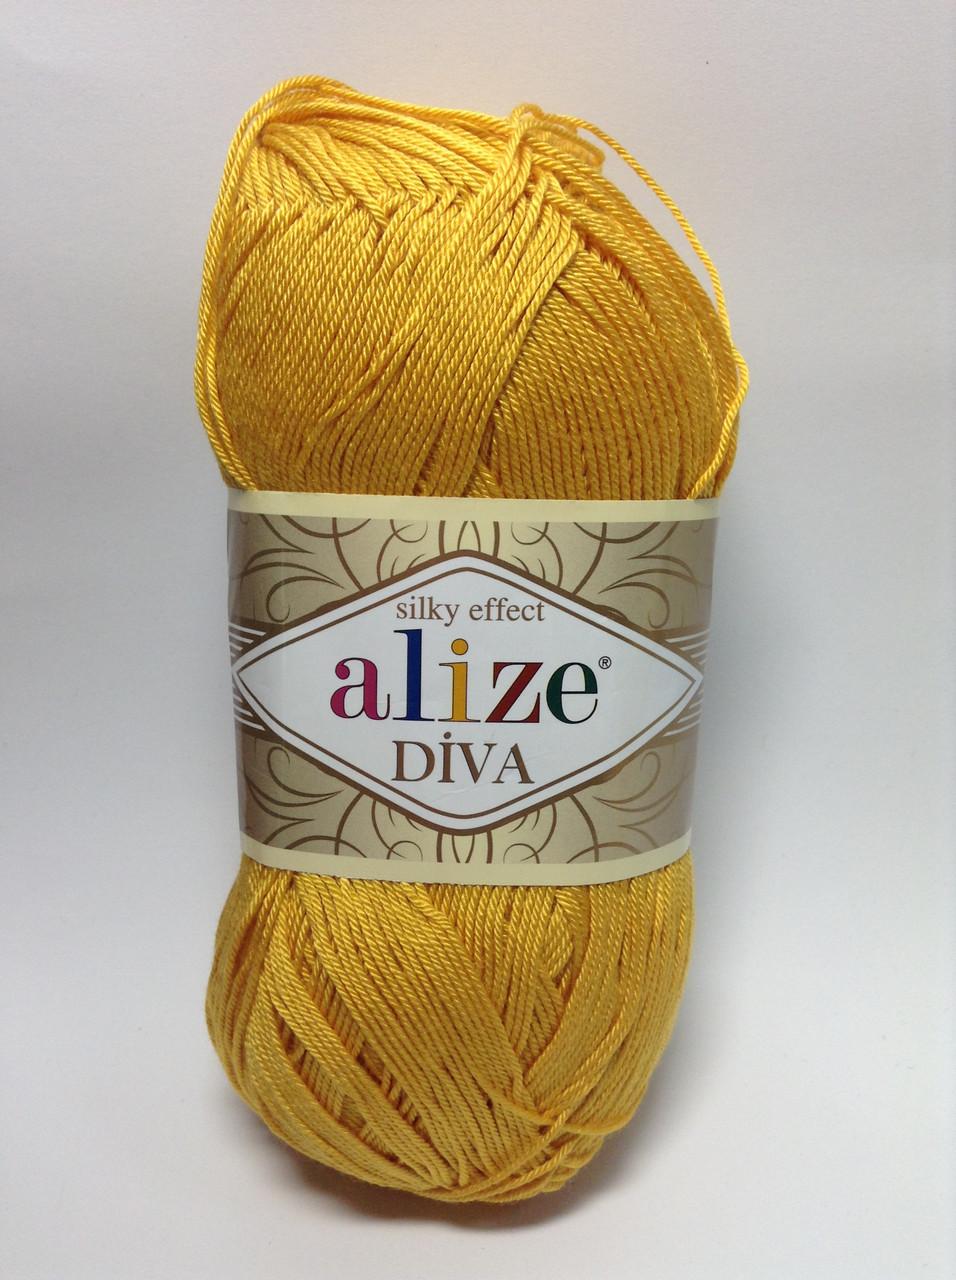 Пряжа diva - цвет горчично-желтый